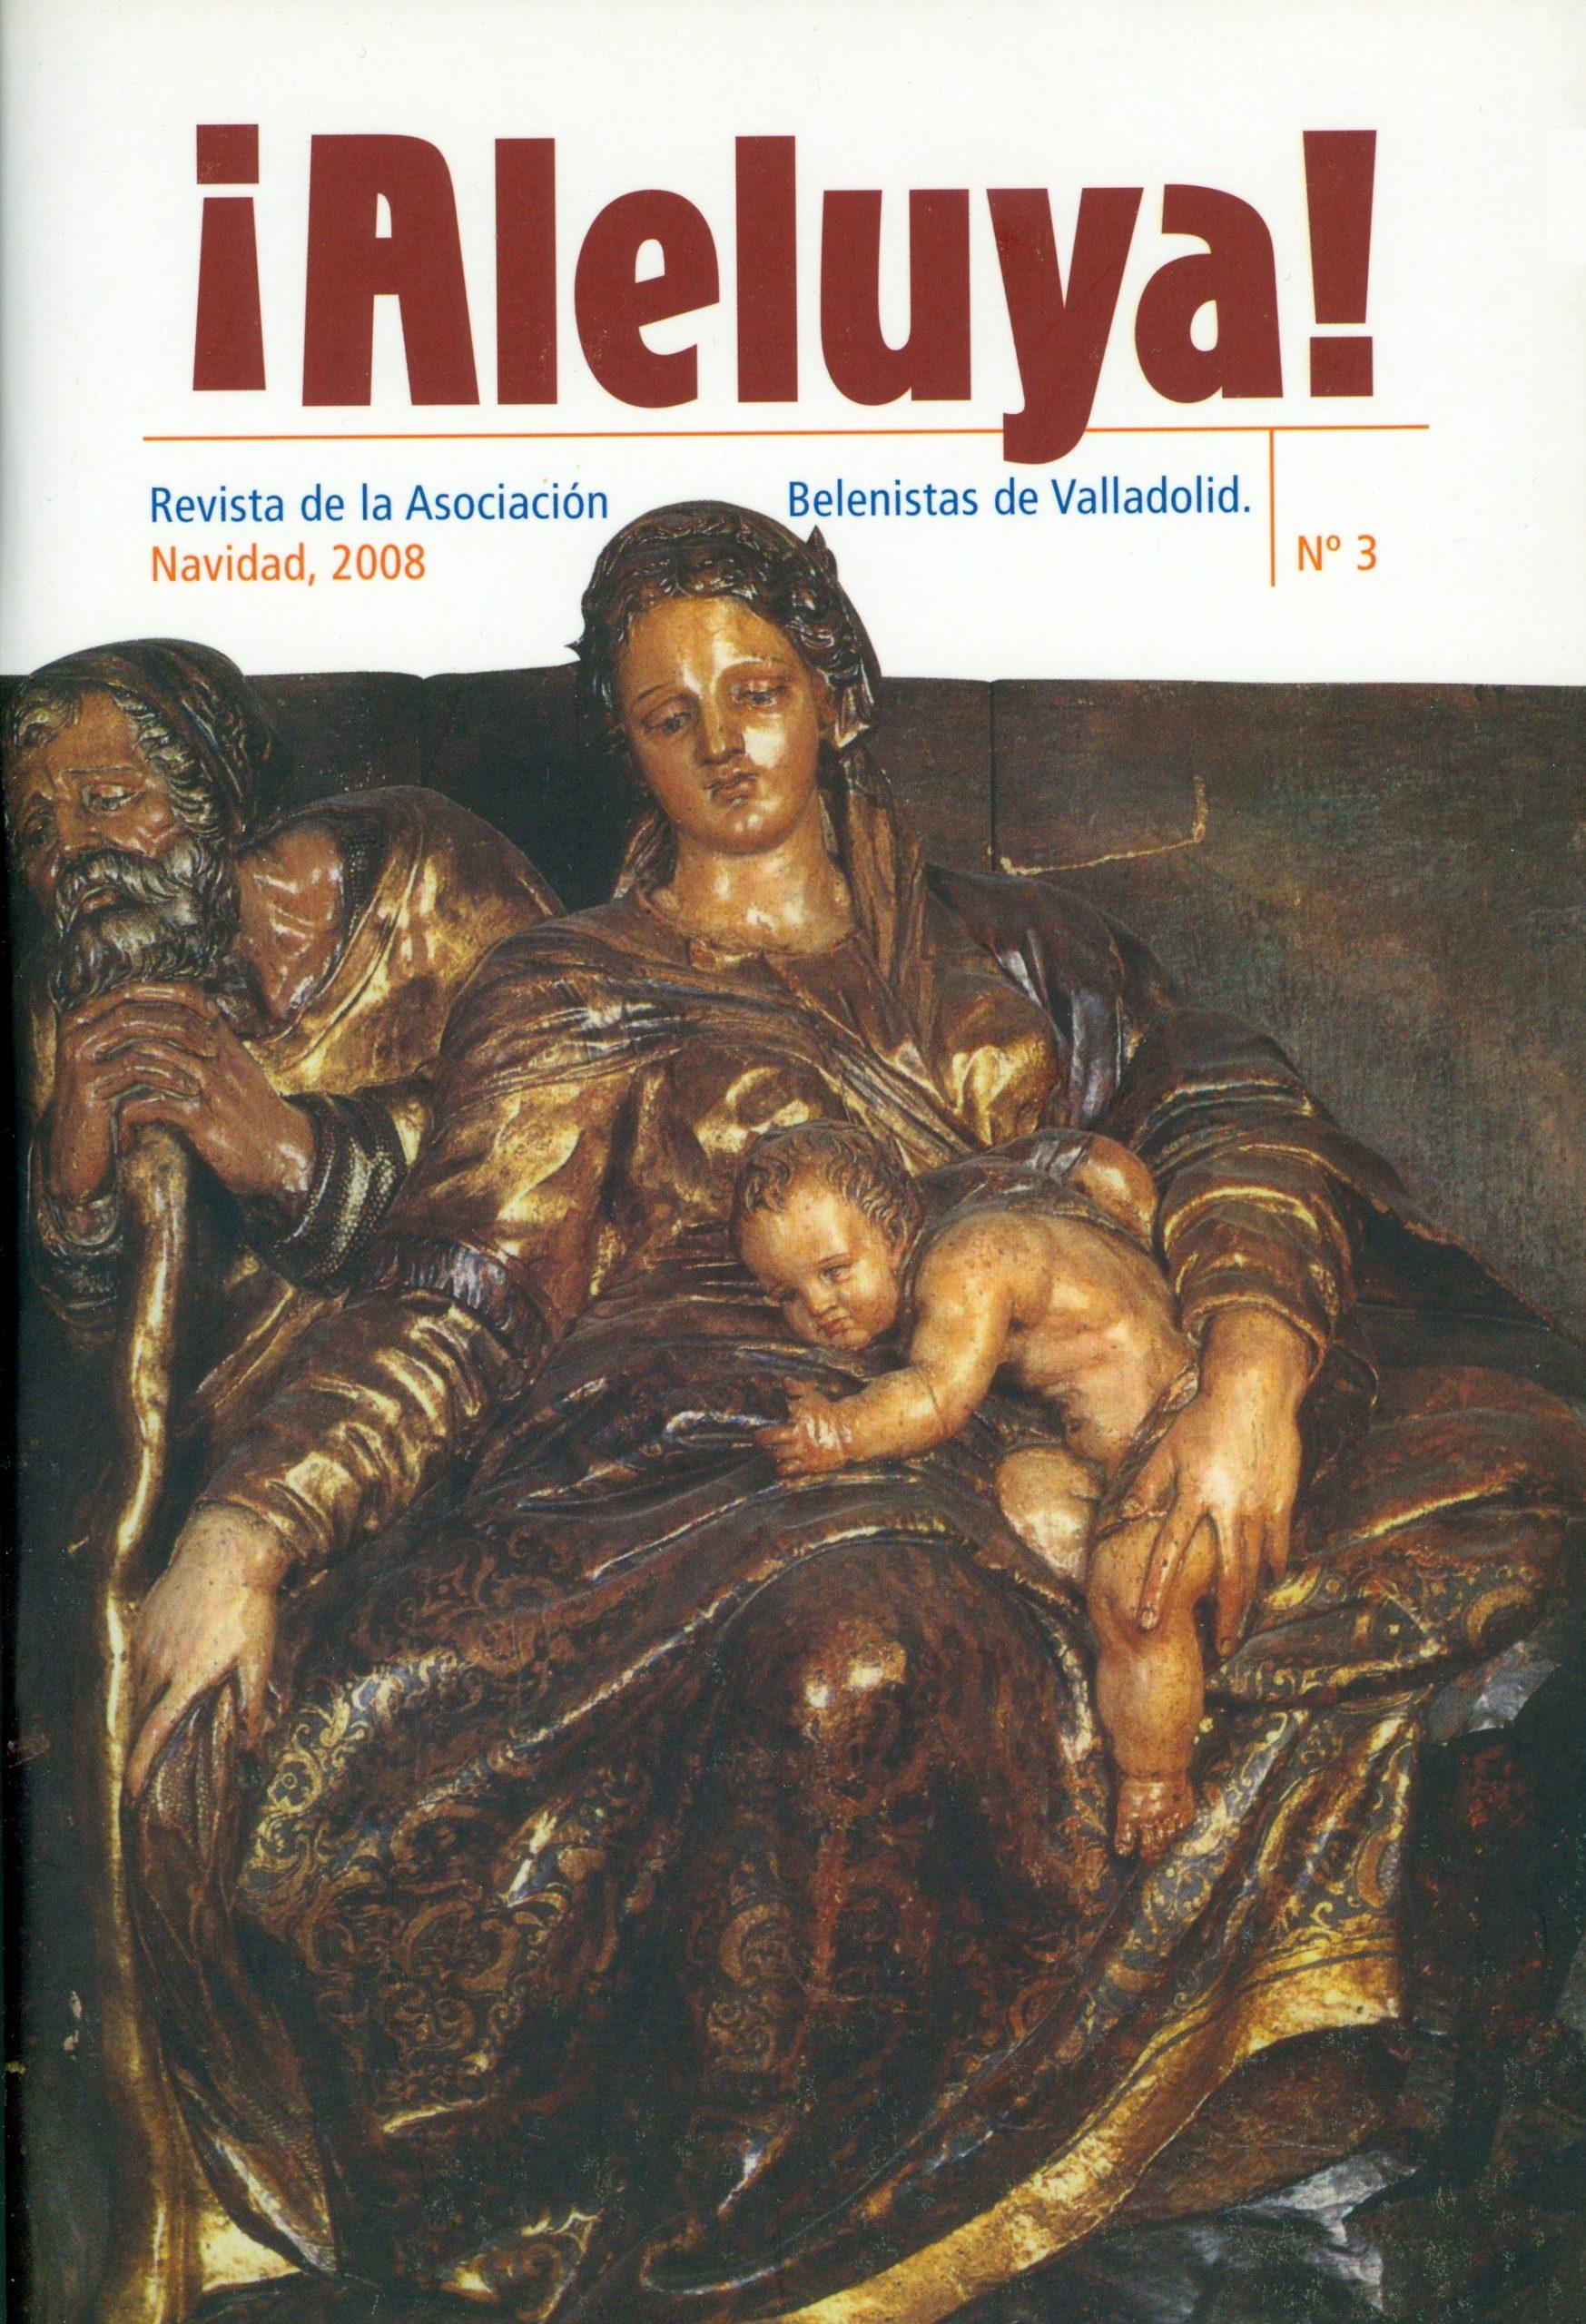 """Portada de la revista ¡Aleluya! nº 3 - Asociación """"Belenistas de Valladolid"""" (2008)"""